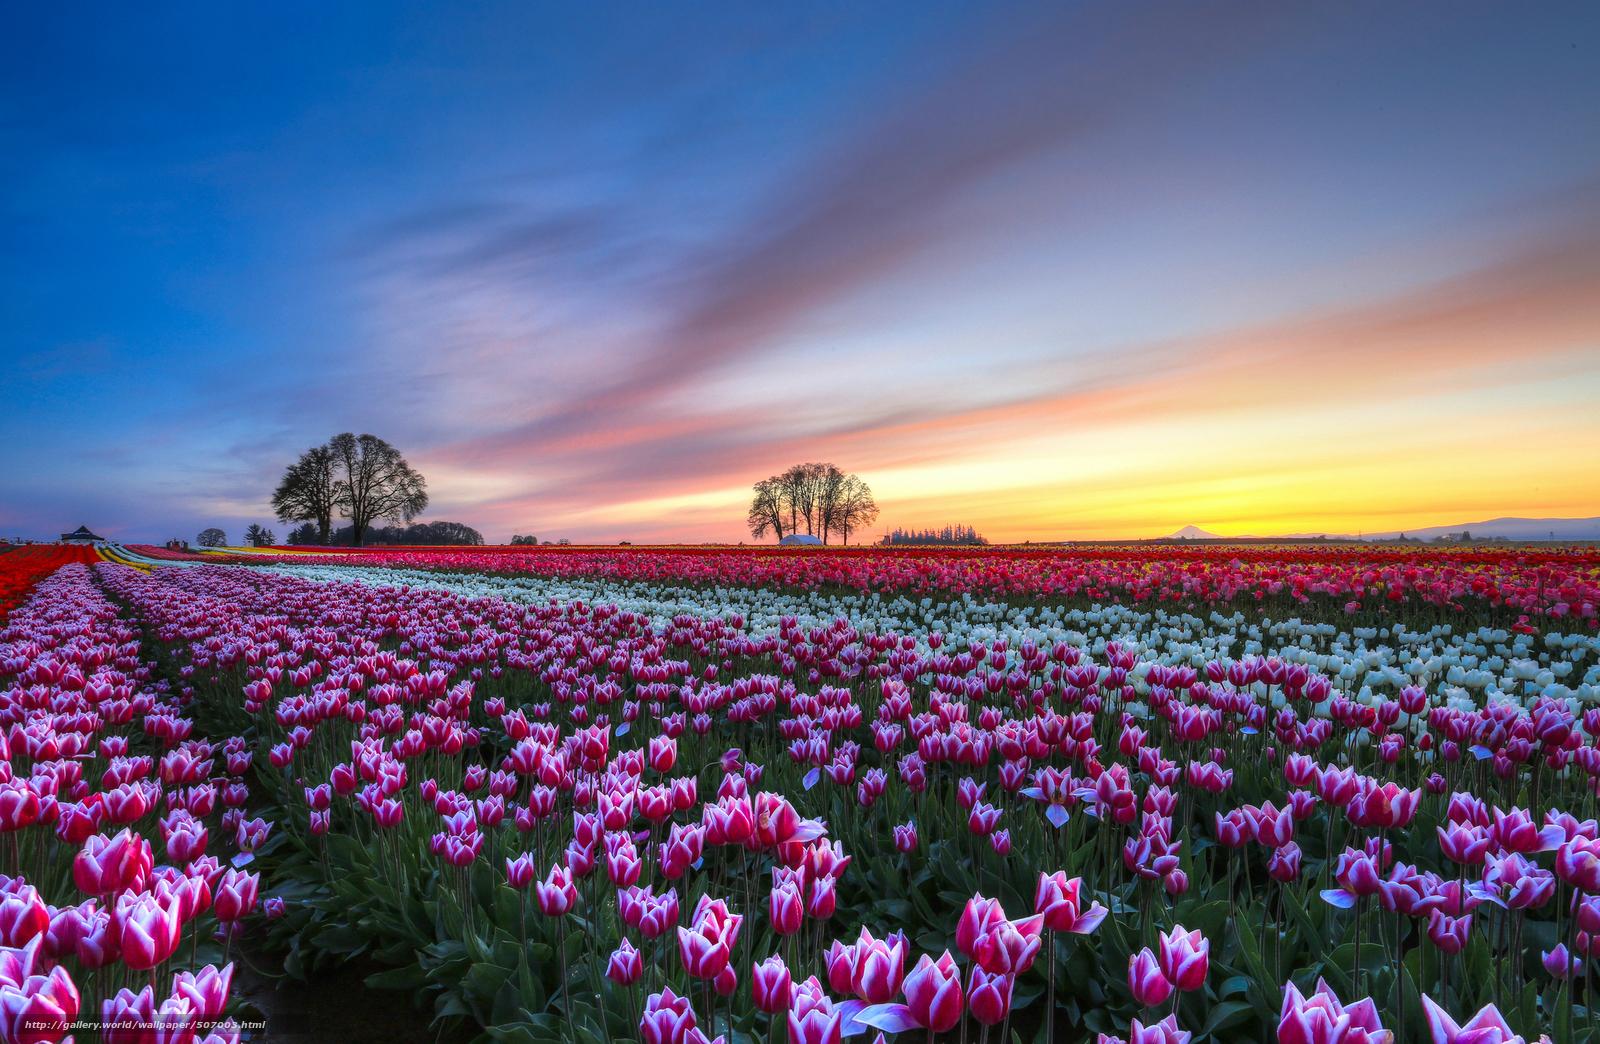 Tlcharger Fond d'ecran champ, Tulipes, Multicolore, Fleurs Fonds d'ecran gratuits pour votre ...